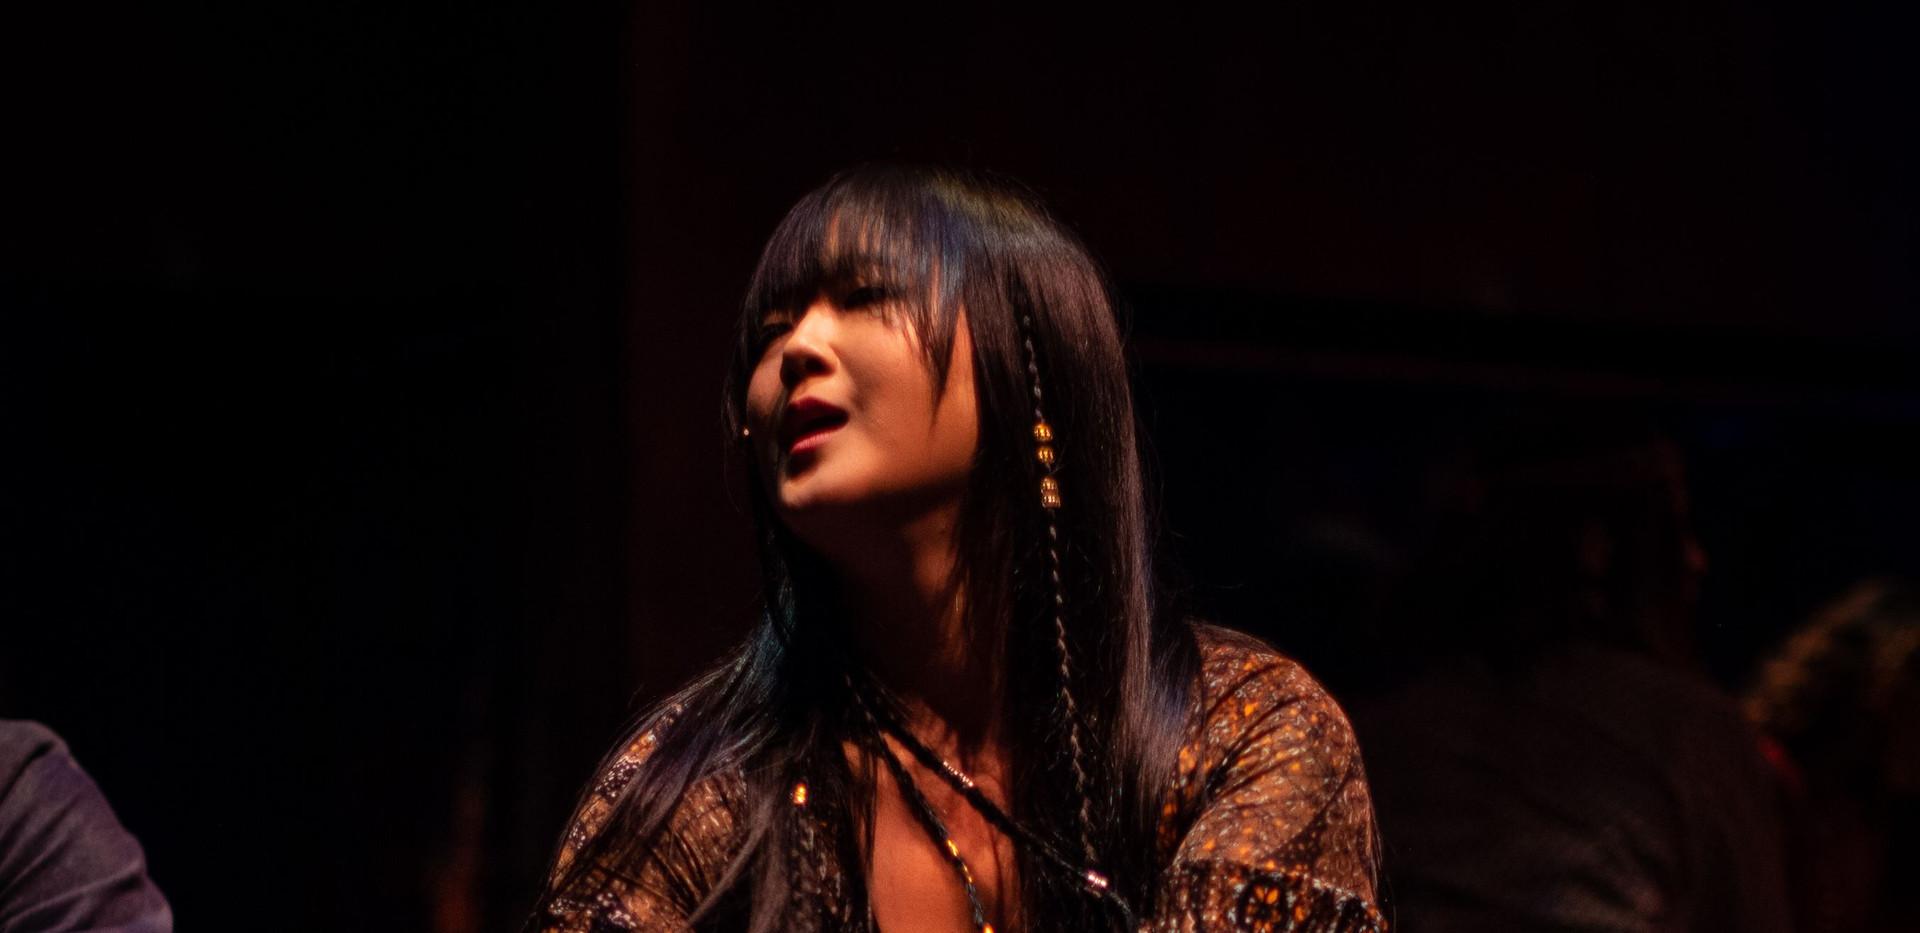 Sarah Sun Park